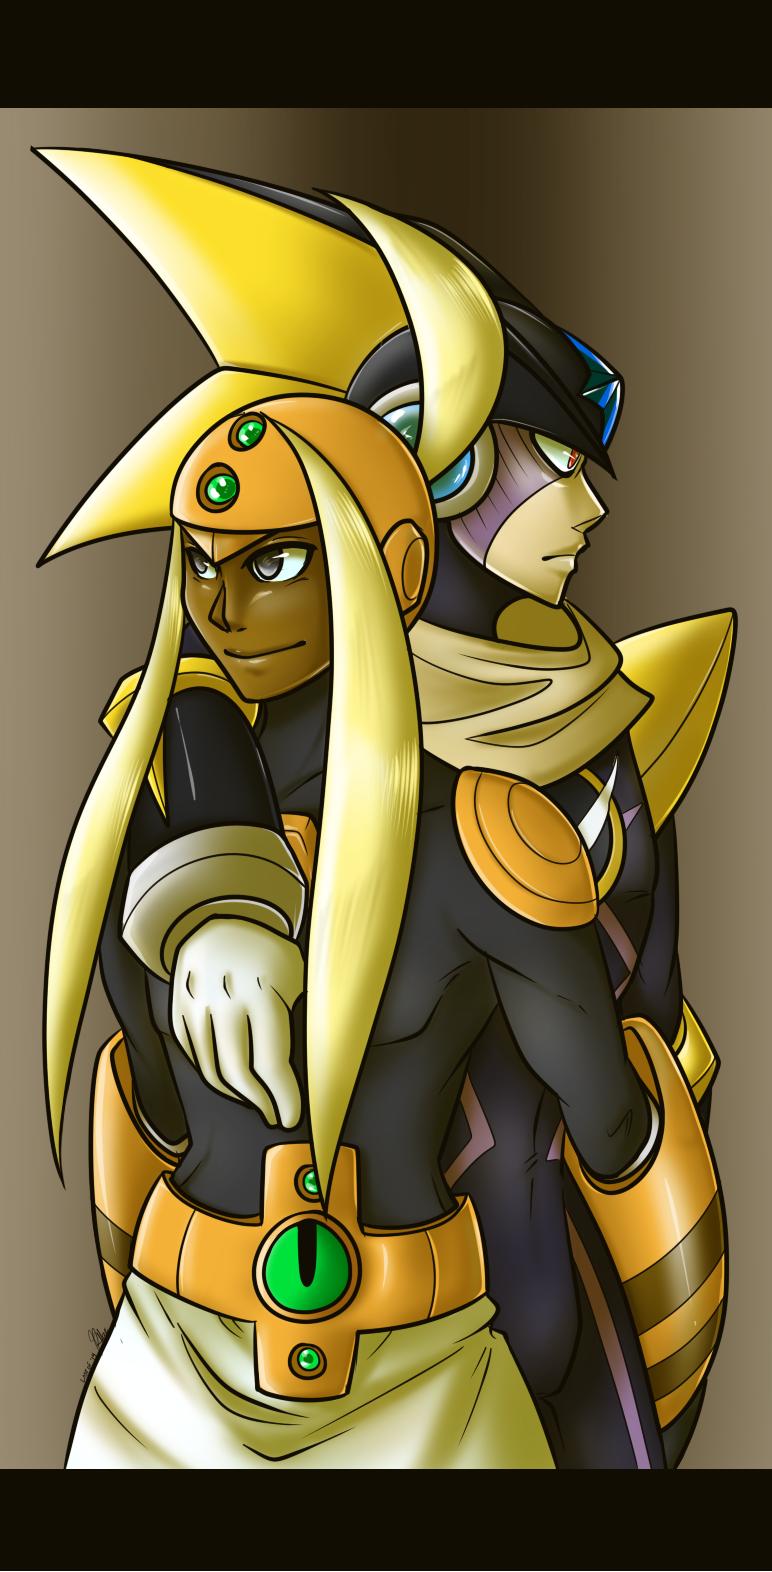 Banana Lord and Dork Fish